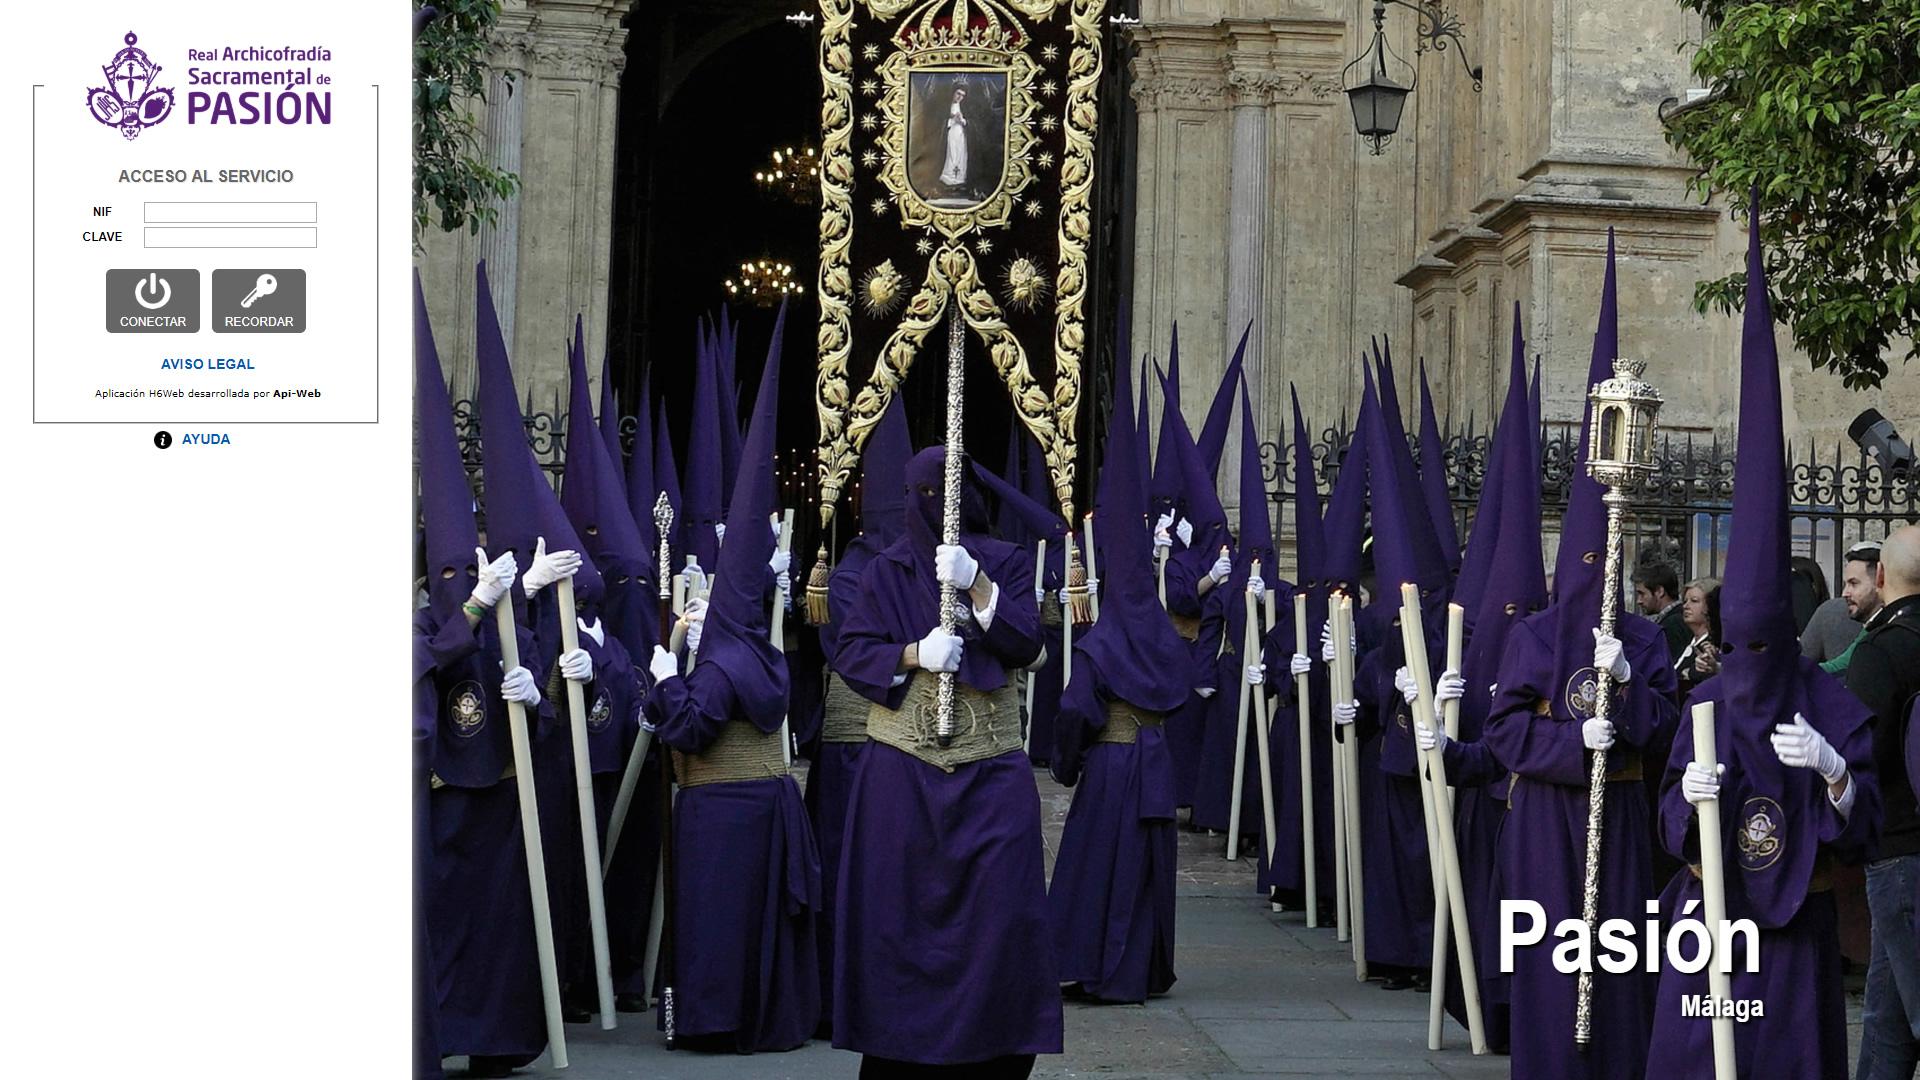 Archicofradía de la Pasión Málaga